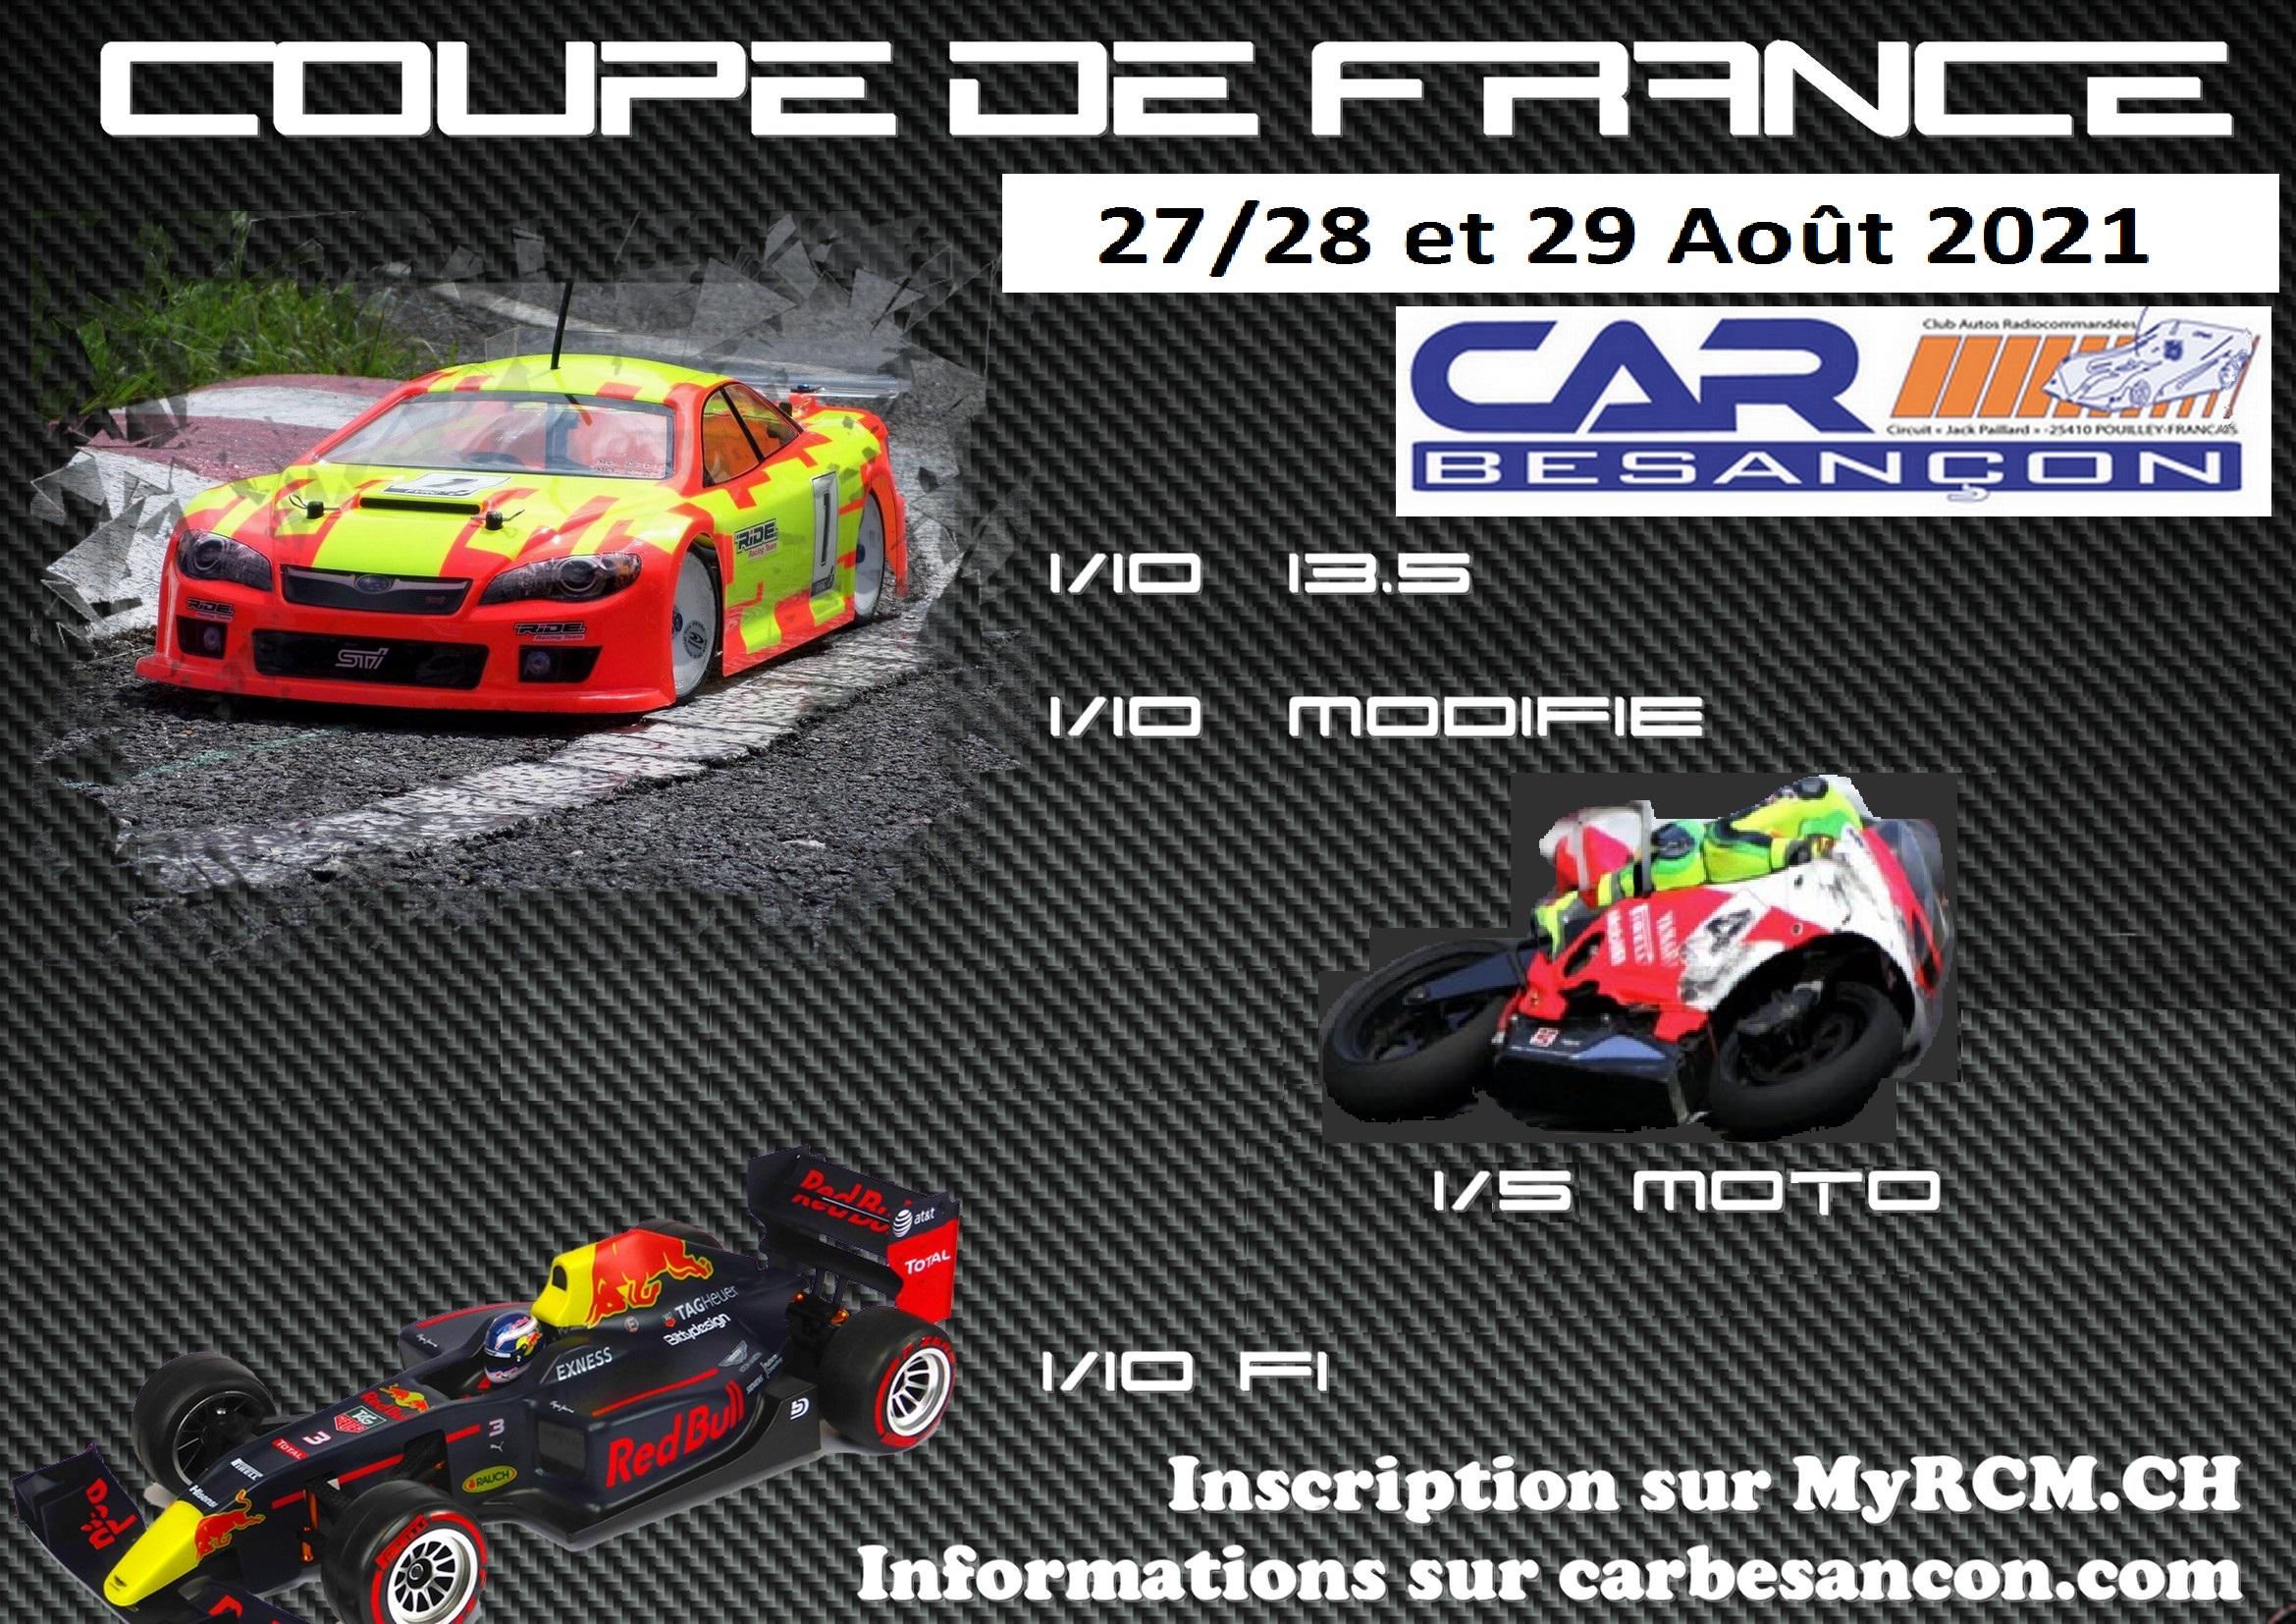 C. de Fr. 1/10 13.5 et mod., 1/10 F1 et 1/5 moto du 27/28 et 29 Août 2021